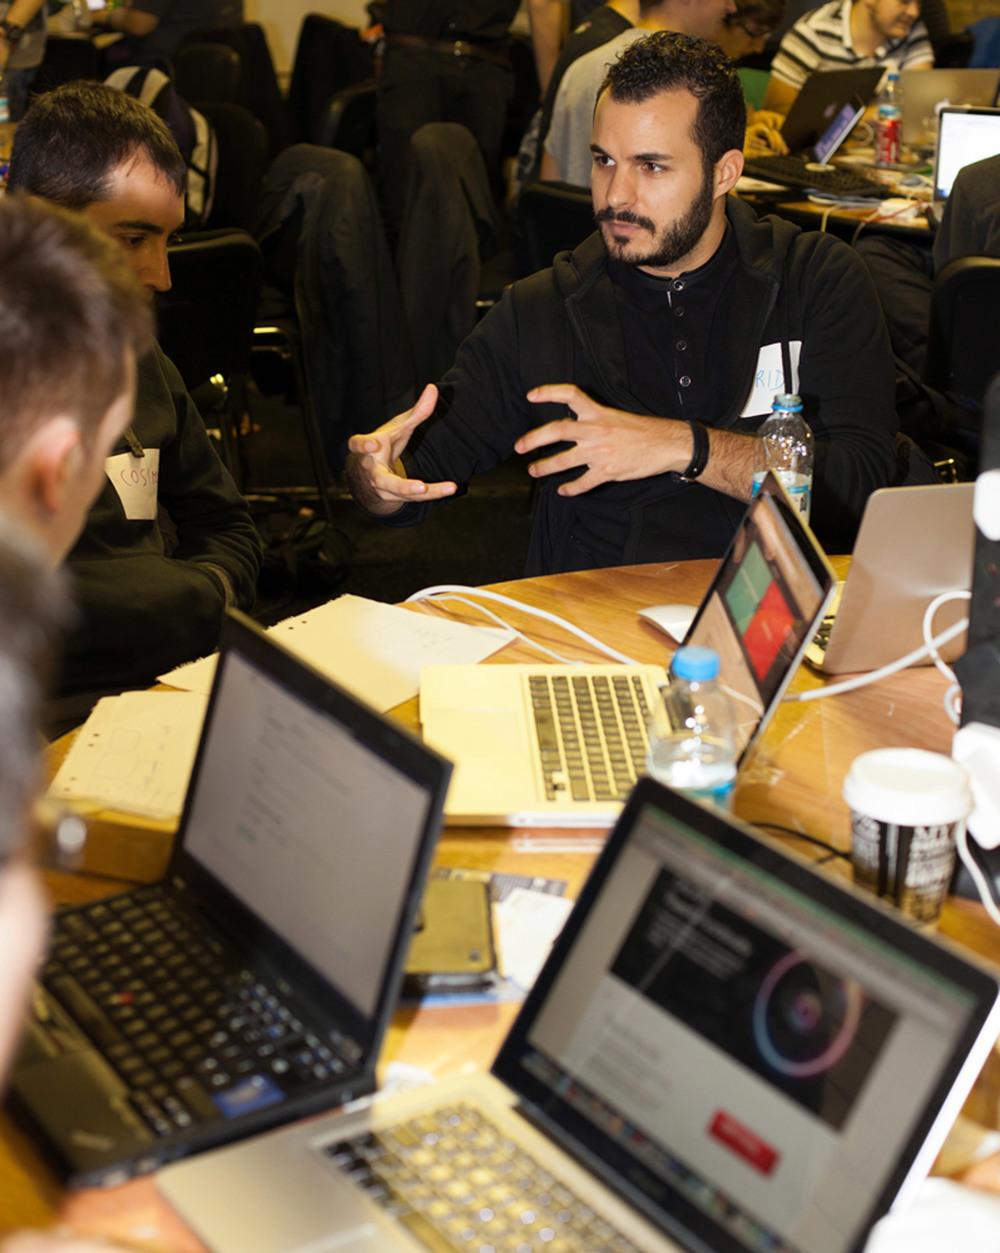 London 24 hour HackathonLondon 24 hour Hackathon